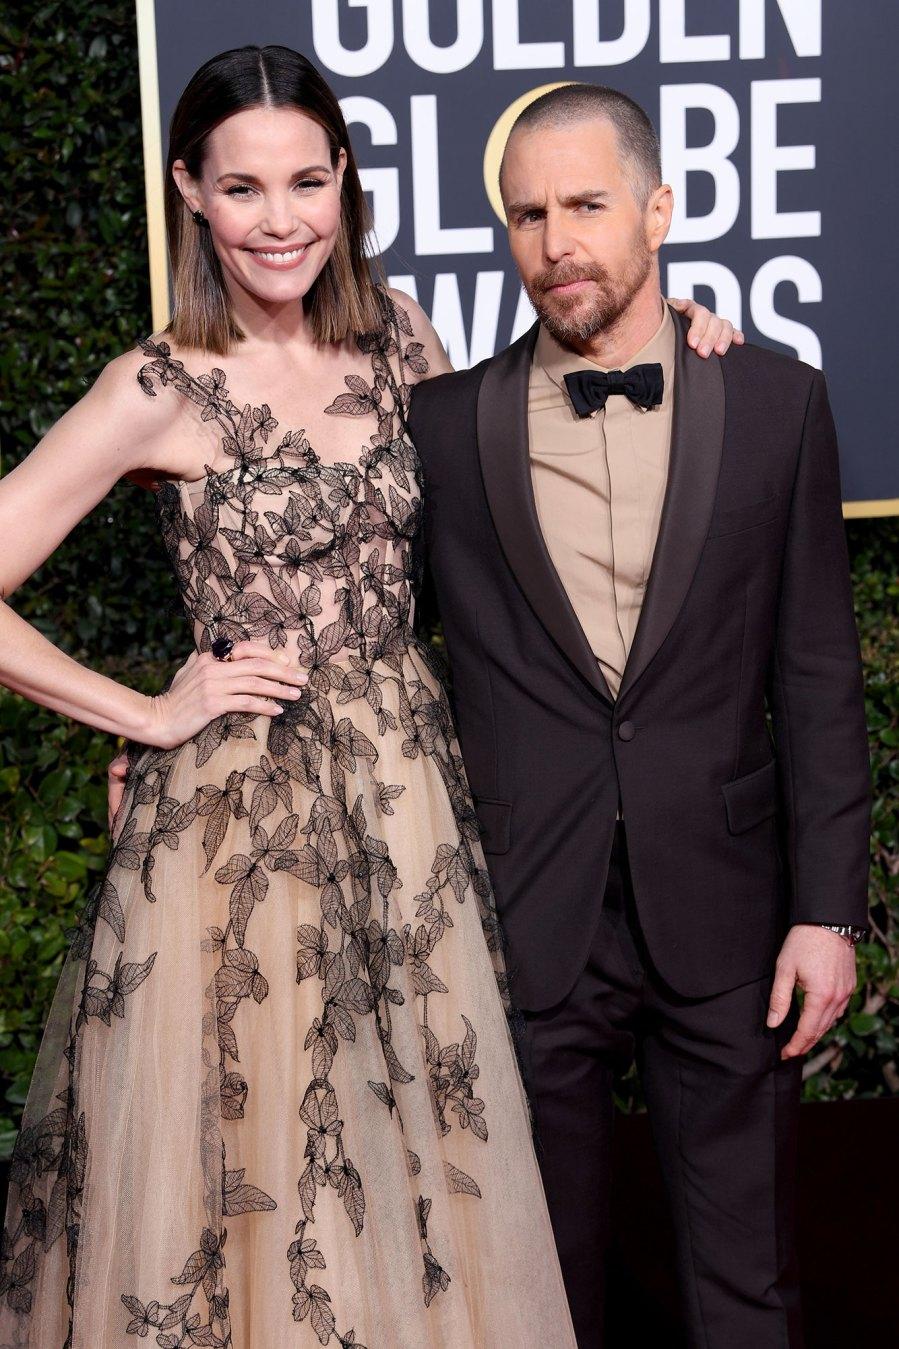 January 2019 Golden Globes Sam Rockwell and Leslie Bibb Relationship Timeline